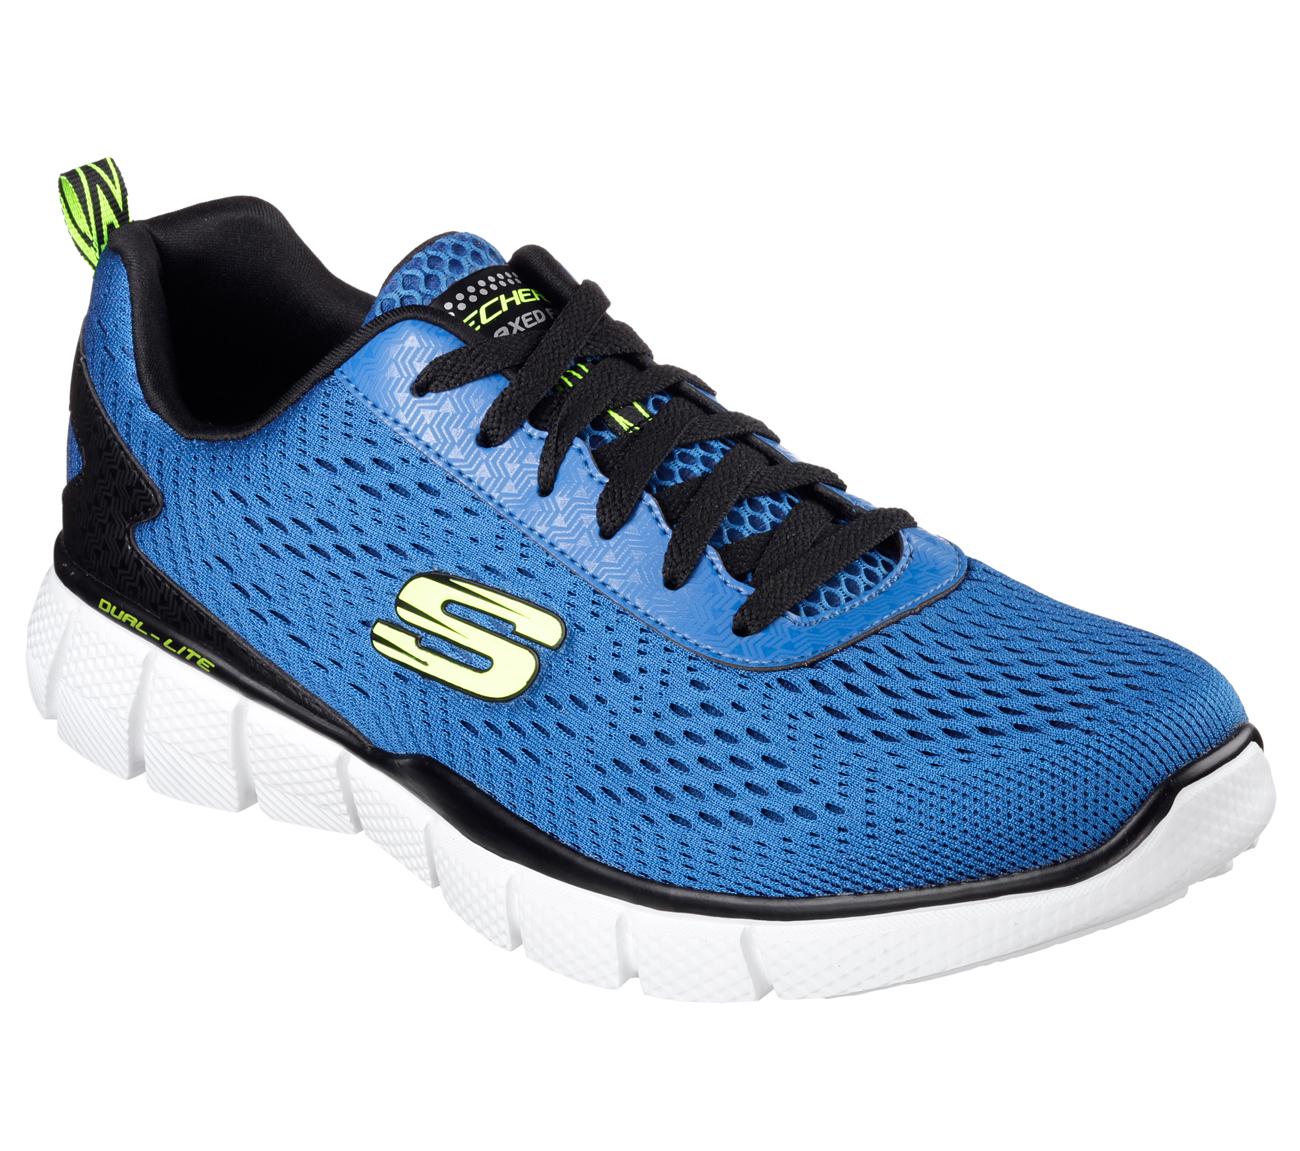 Skechers 51529 BLBK Men's EQUALIZER 2.0 Running Shoes | eBay